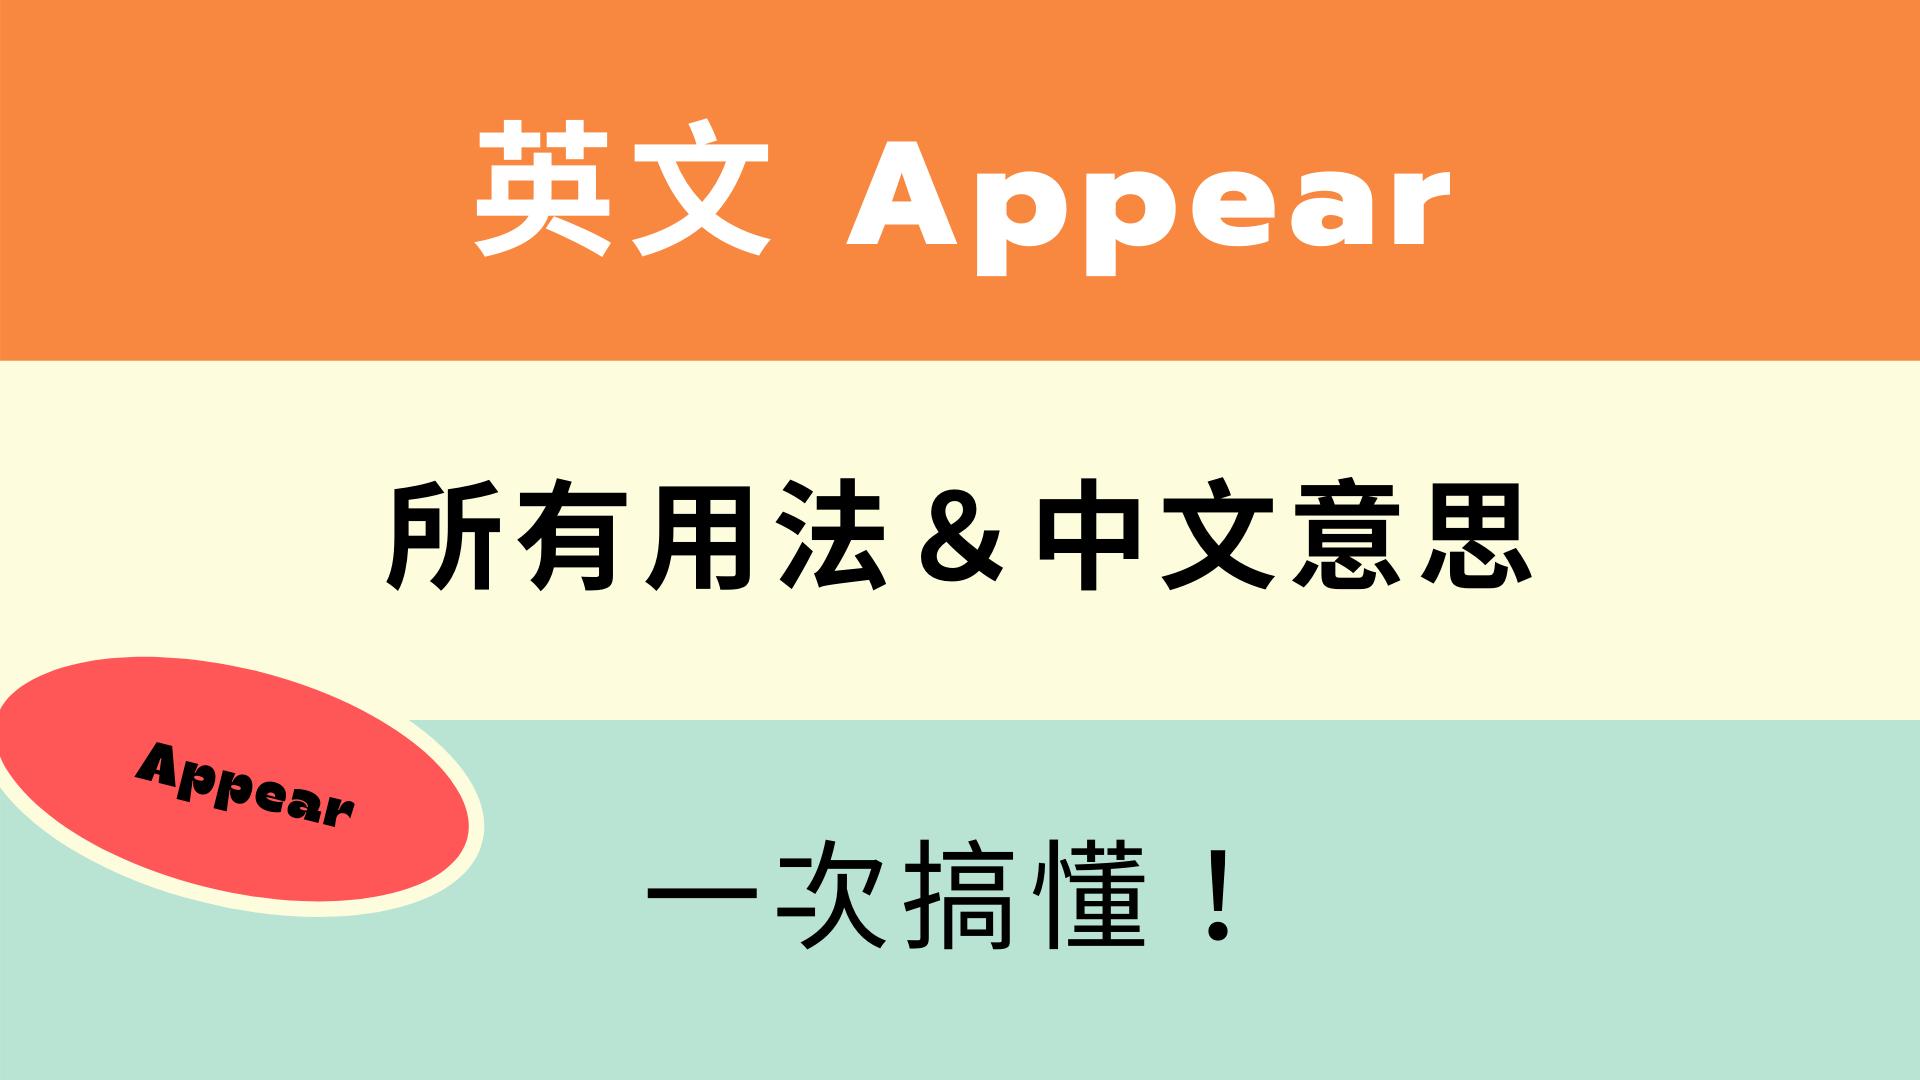 英文連綴動詞 appear 用法與中文意思!看例句一次搞懂